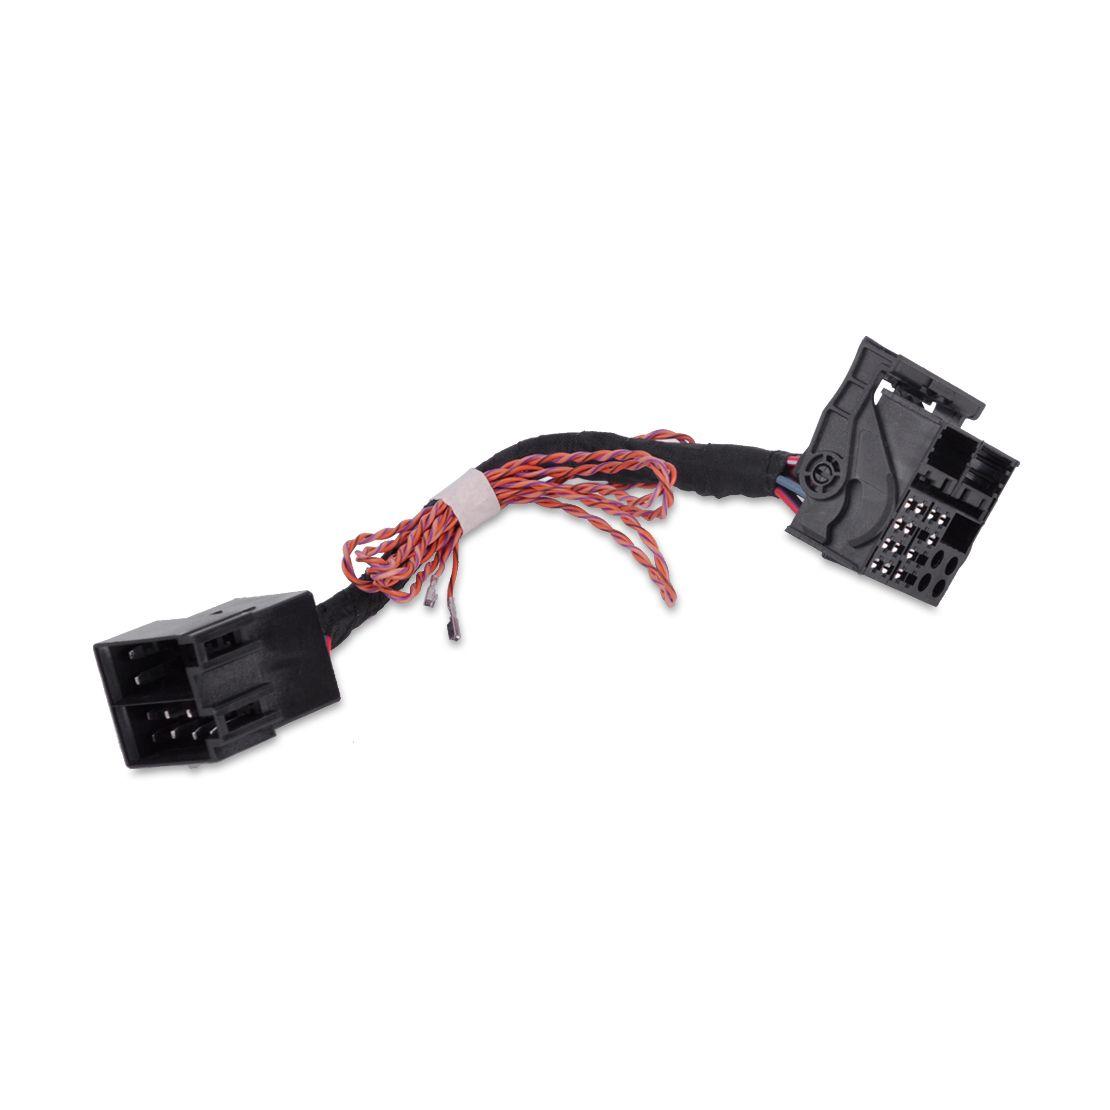 DWCX 1Pcs Car Black Plastic & Metal Harness Adapter Wiring